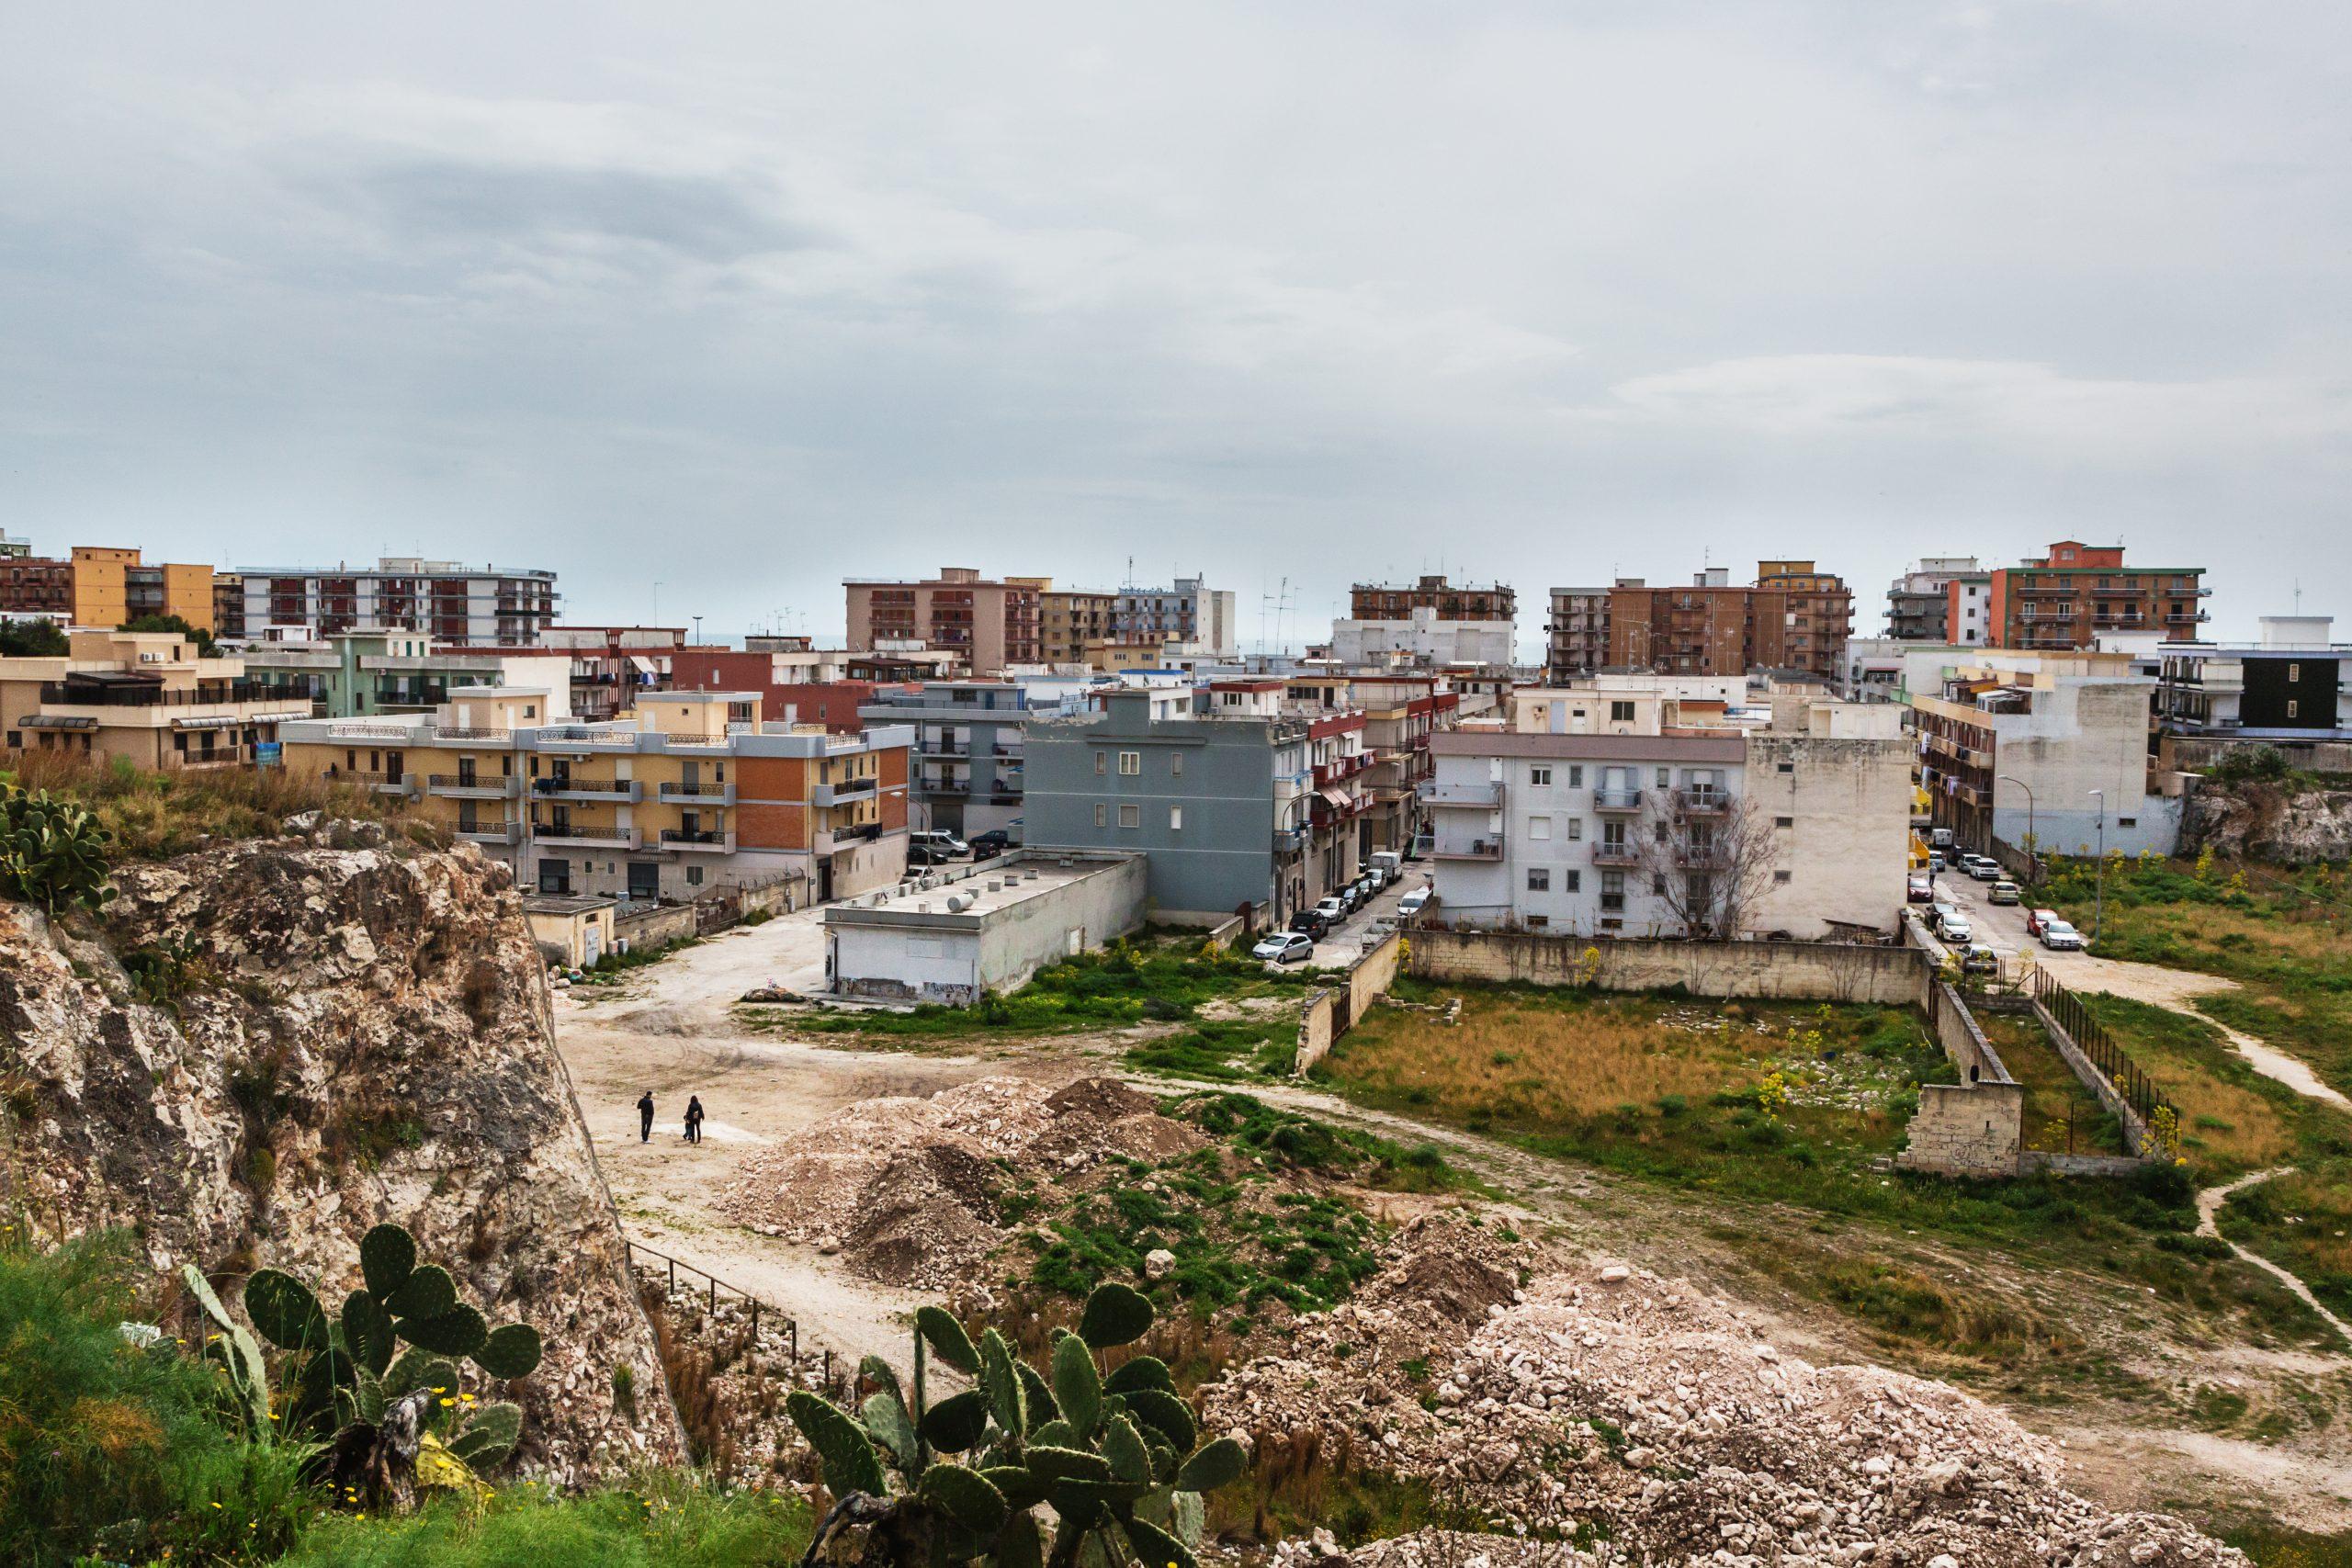 Manfredonia - Vista sul quartiere di Cava Gramaziocostruito sulla ex cava omonima